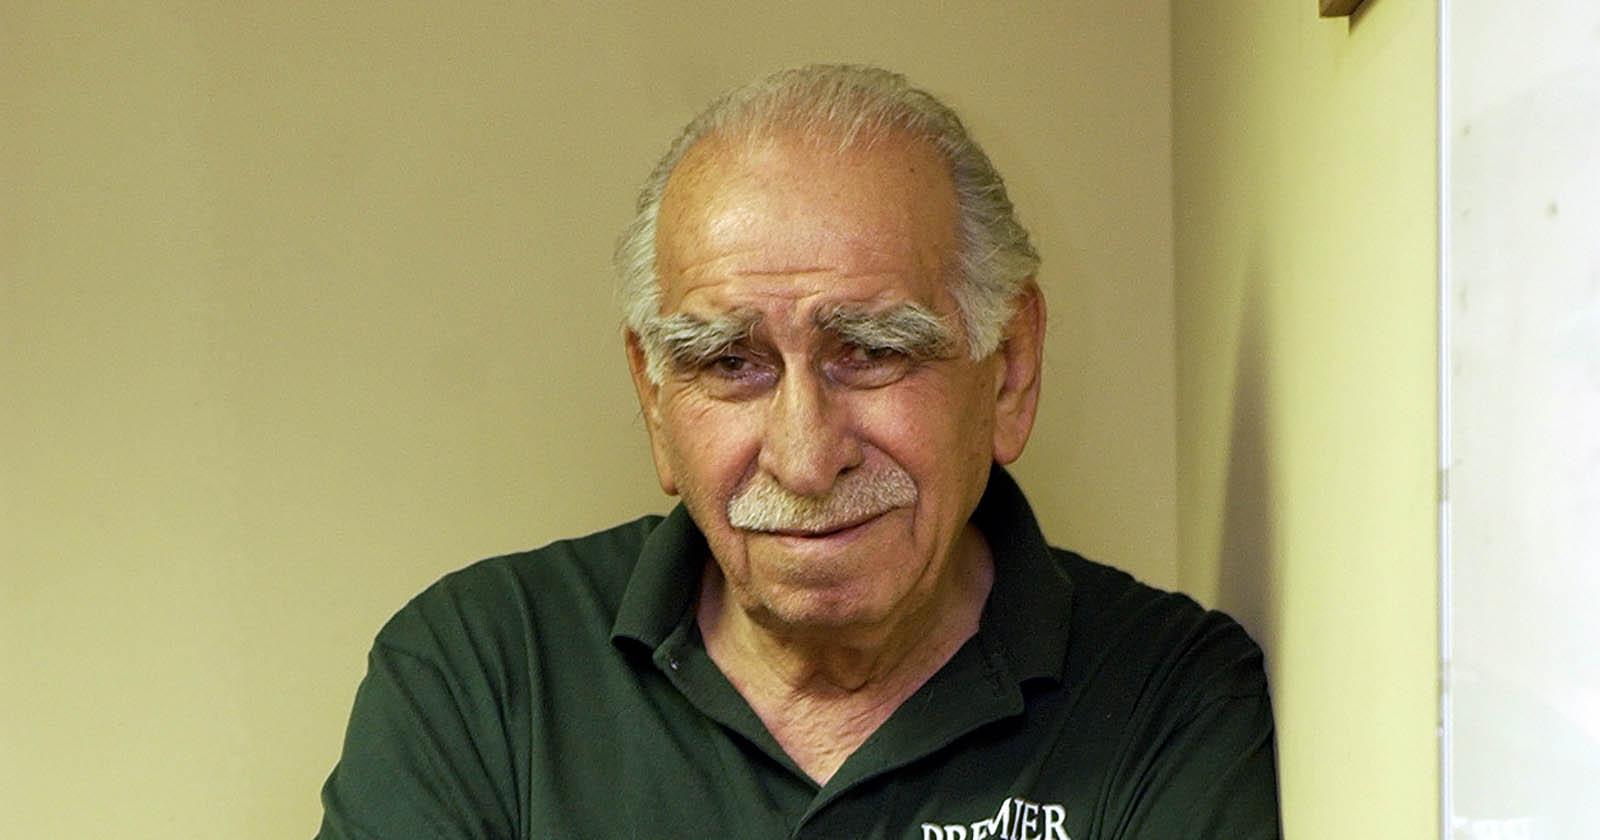 Juan Ostoic, ex basquetbolista y autor del crucigrama de La Tercera (Foto de Patricio Lepín, gentileza del Diario La Cuarta)